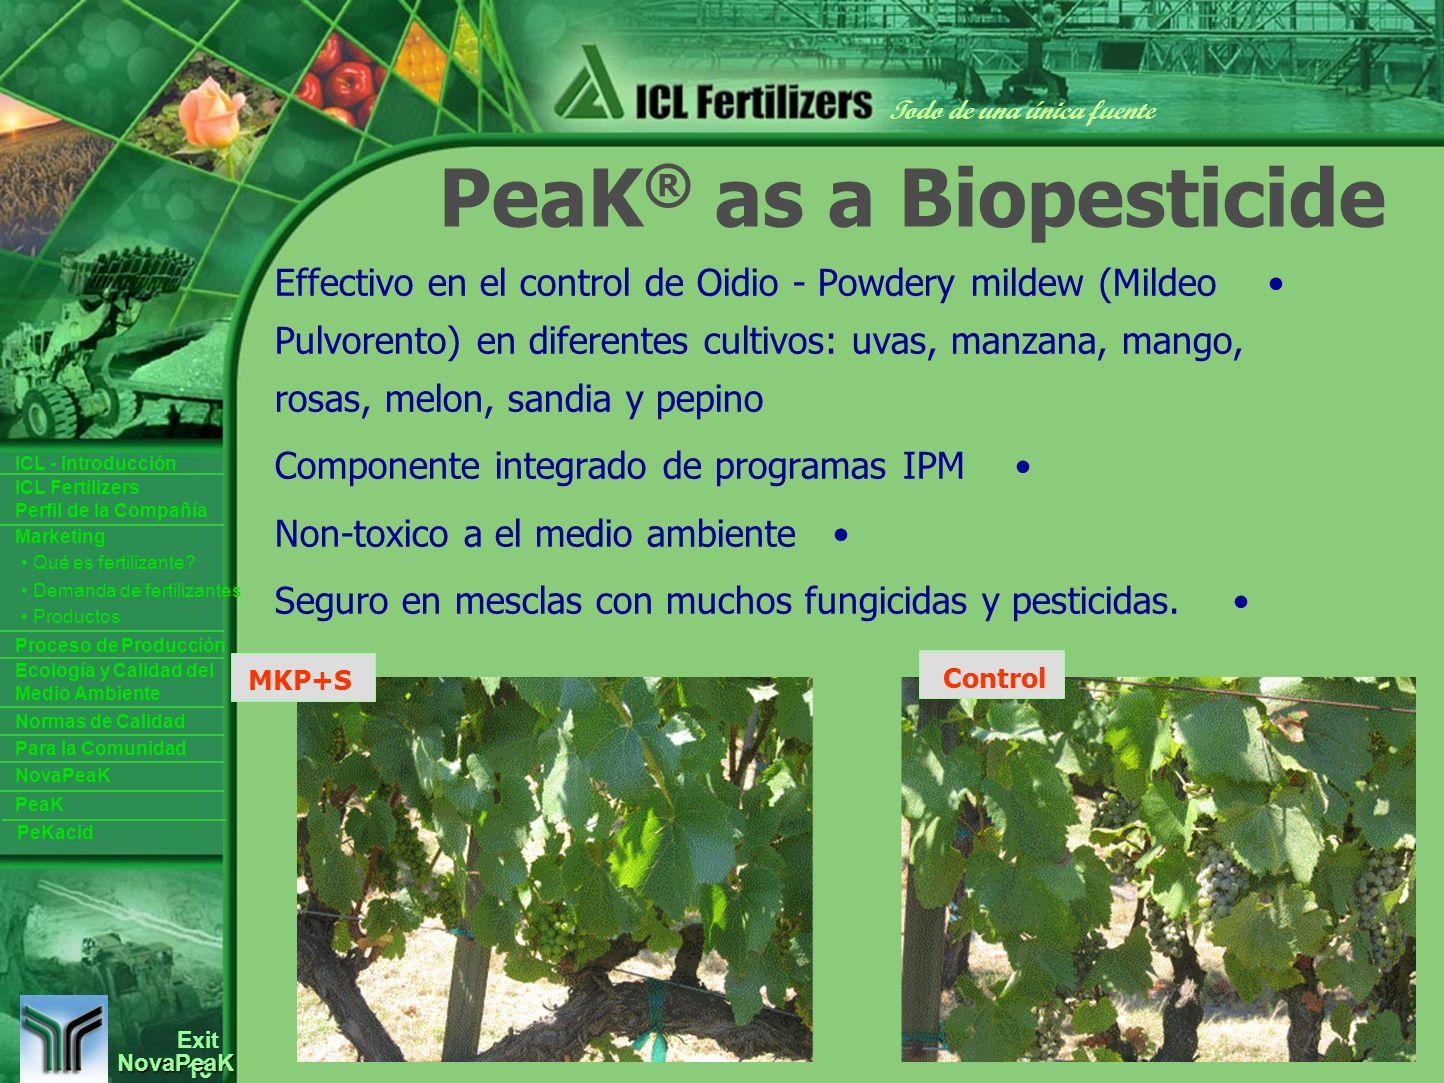 13 Exit Todo de una única fuente ICL Fertilizers Perfil de la Compañía ICL - Introducción Productos Para la Comunidad Ecología y Calidad del Medio Ambiente Normas de Calidad Marketing Proceso de Producción Demanda de fertilizantes Qué es fertilizante.